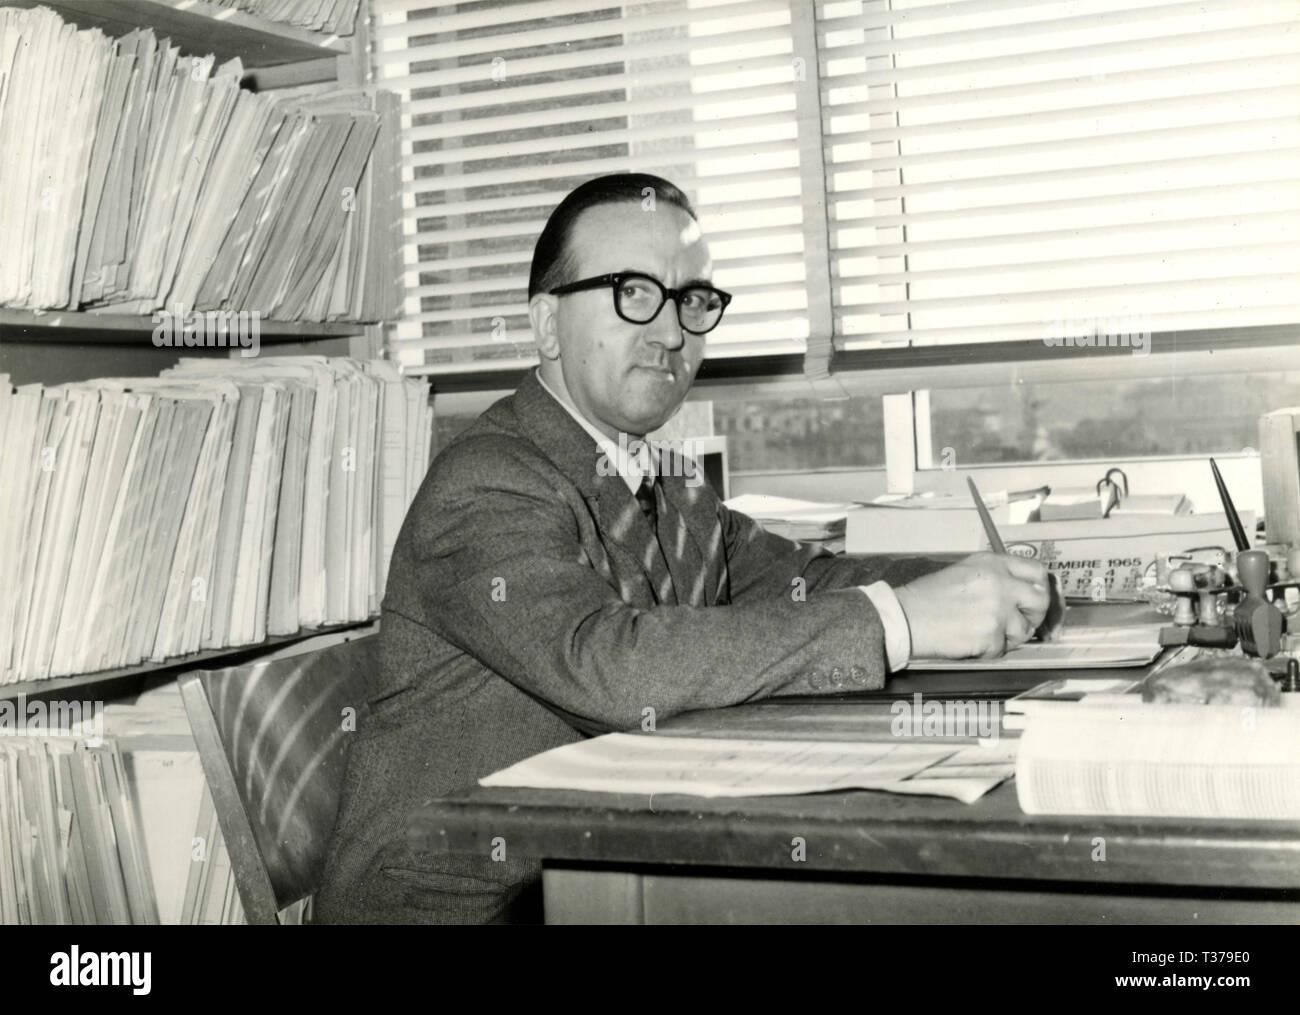 Un empleado en su escritorio con papeles, Italia 1965 Imagen De Stock